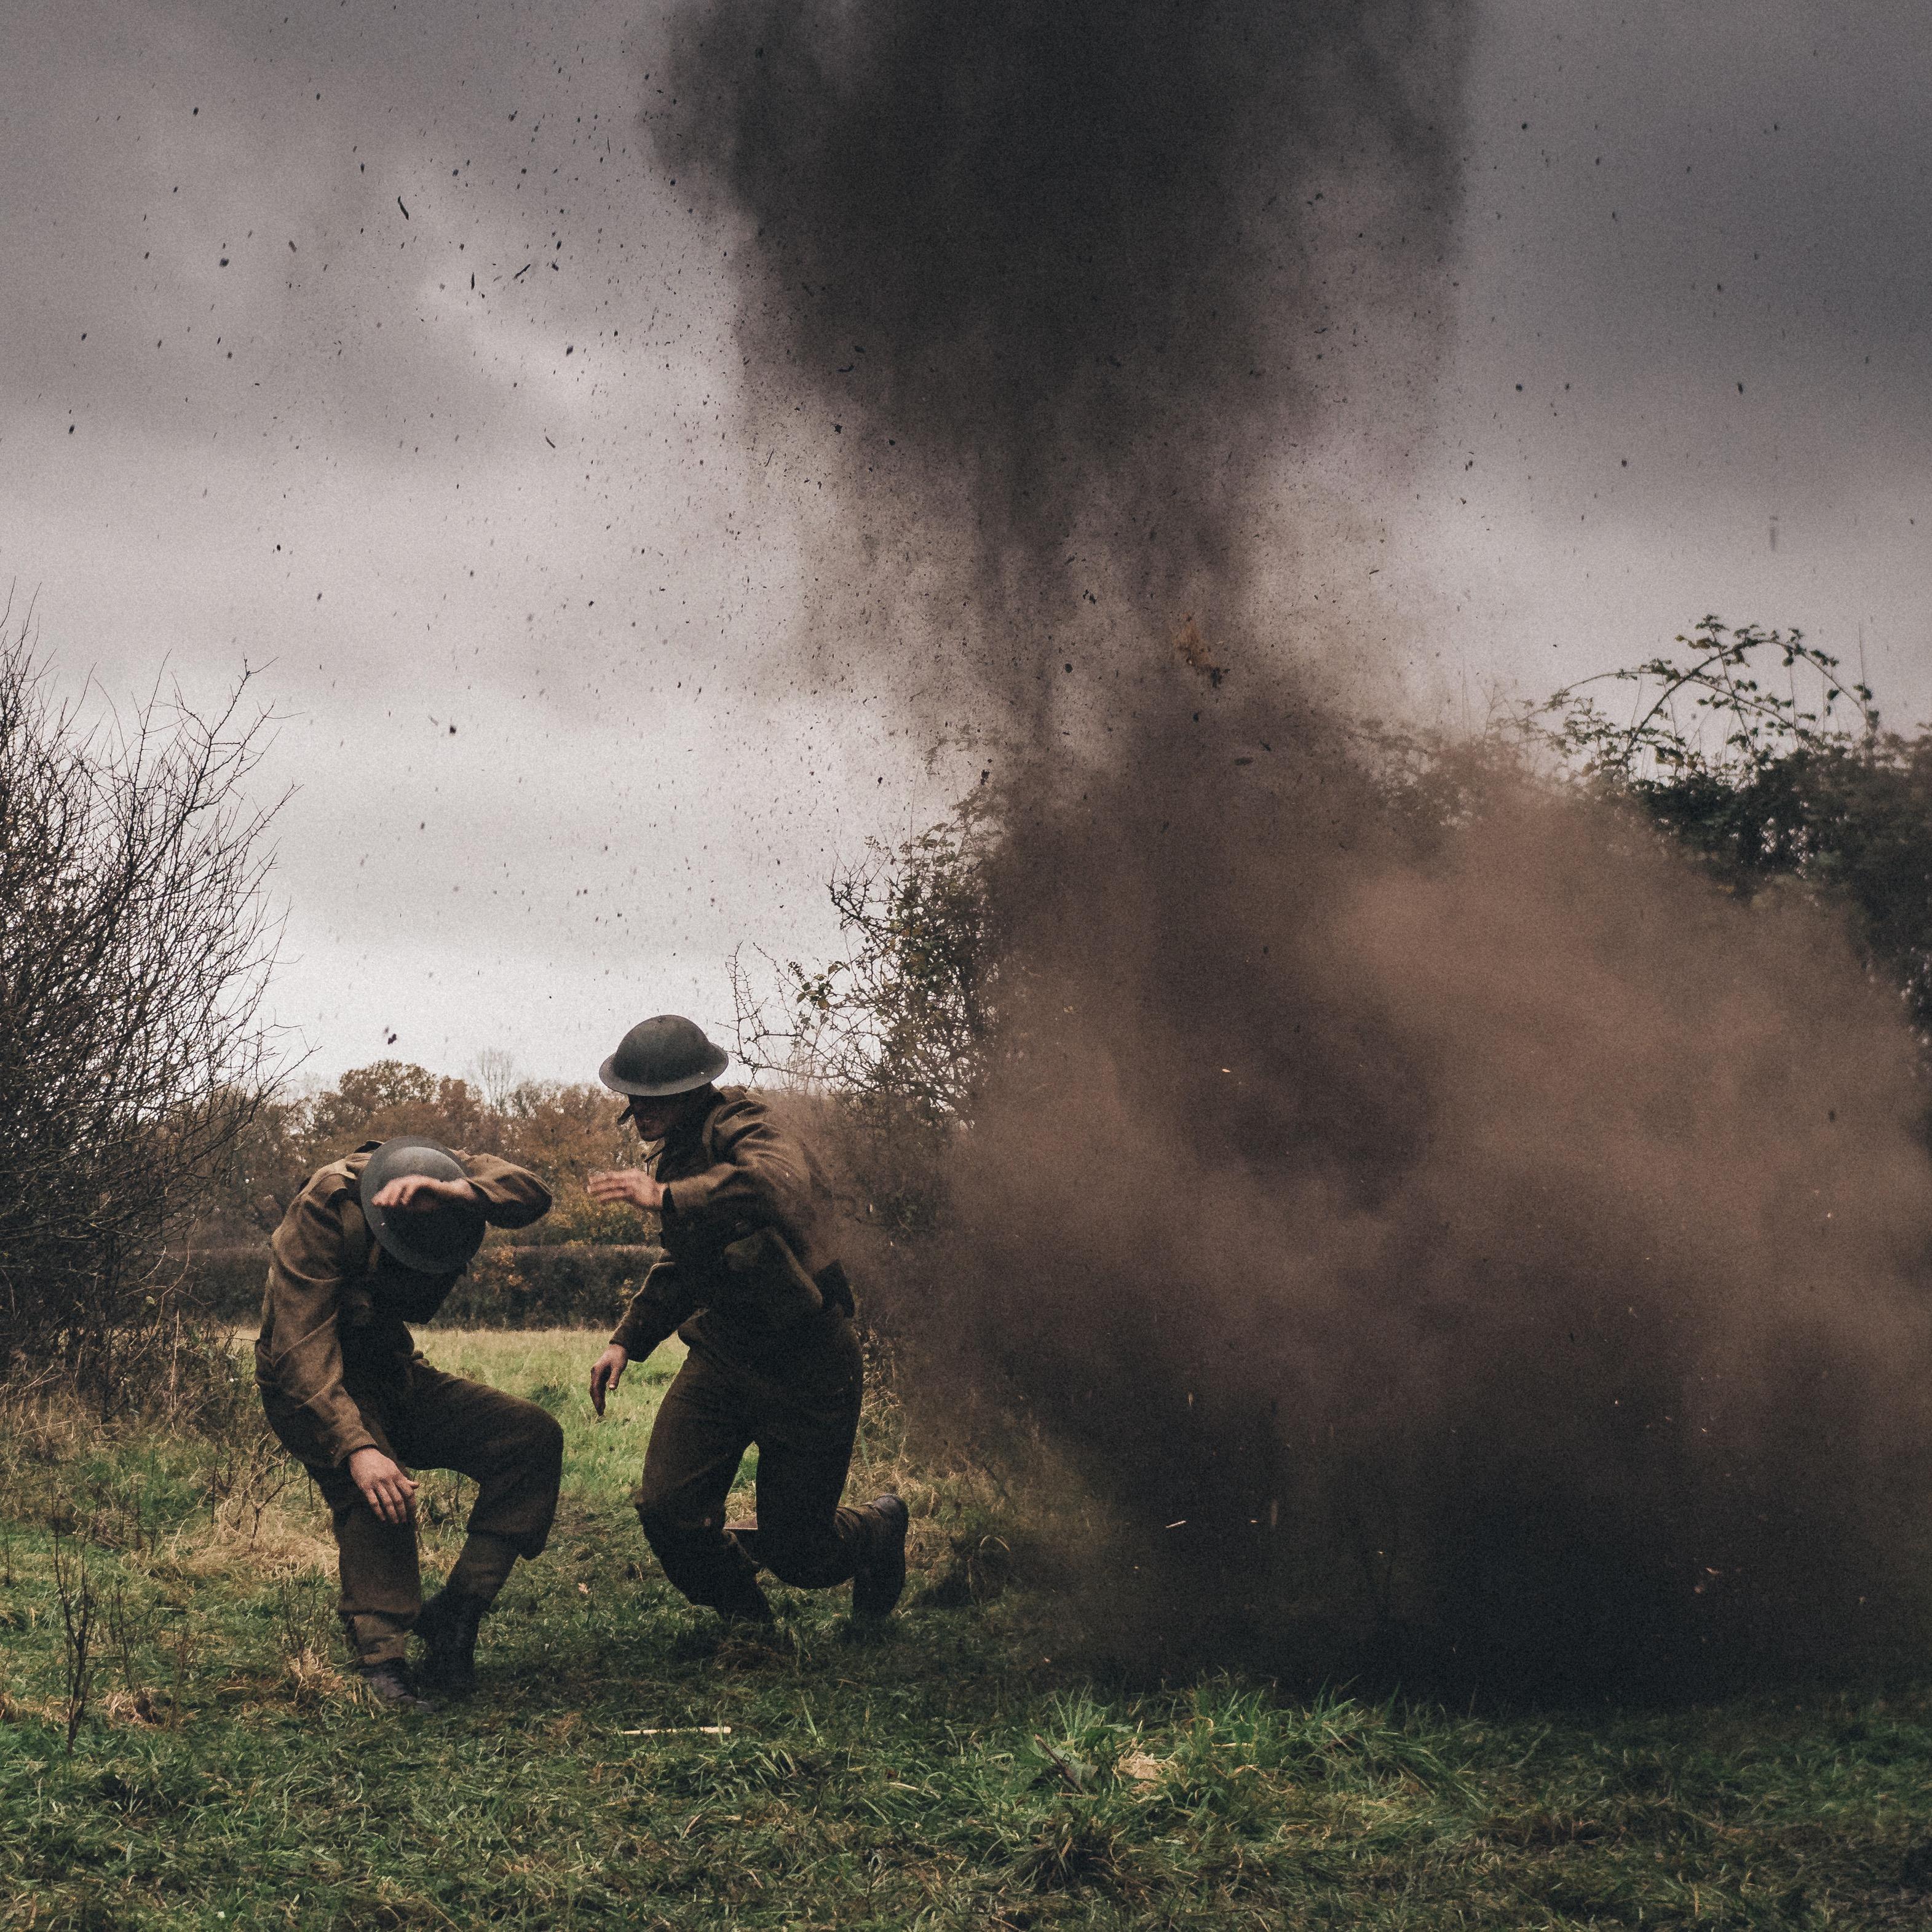 Bomb Blast-Dust Lifter